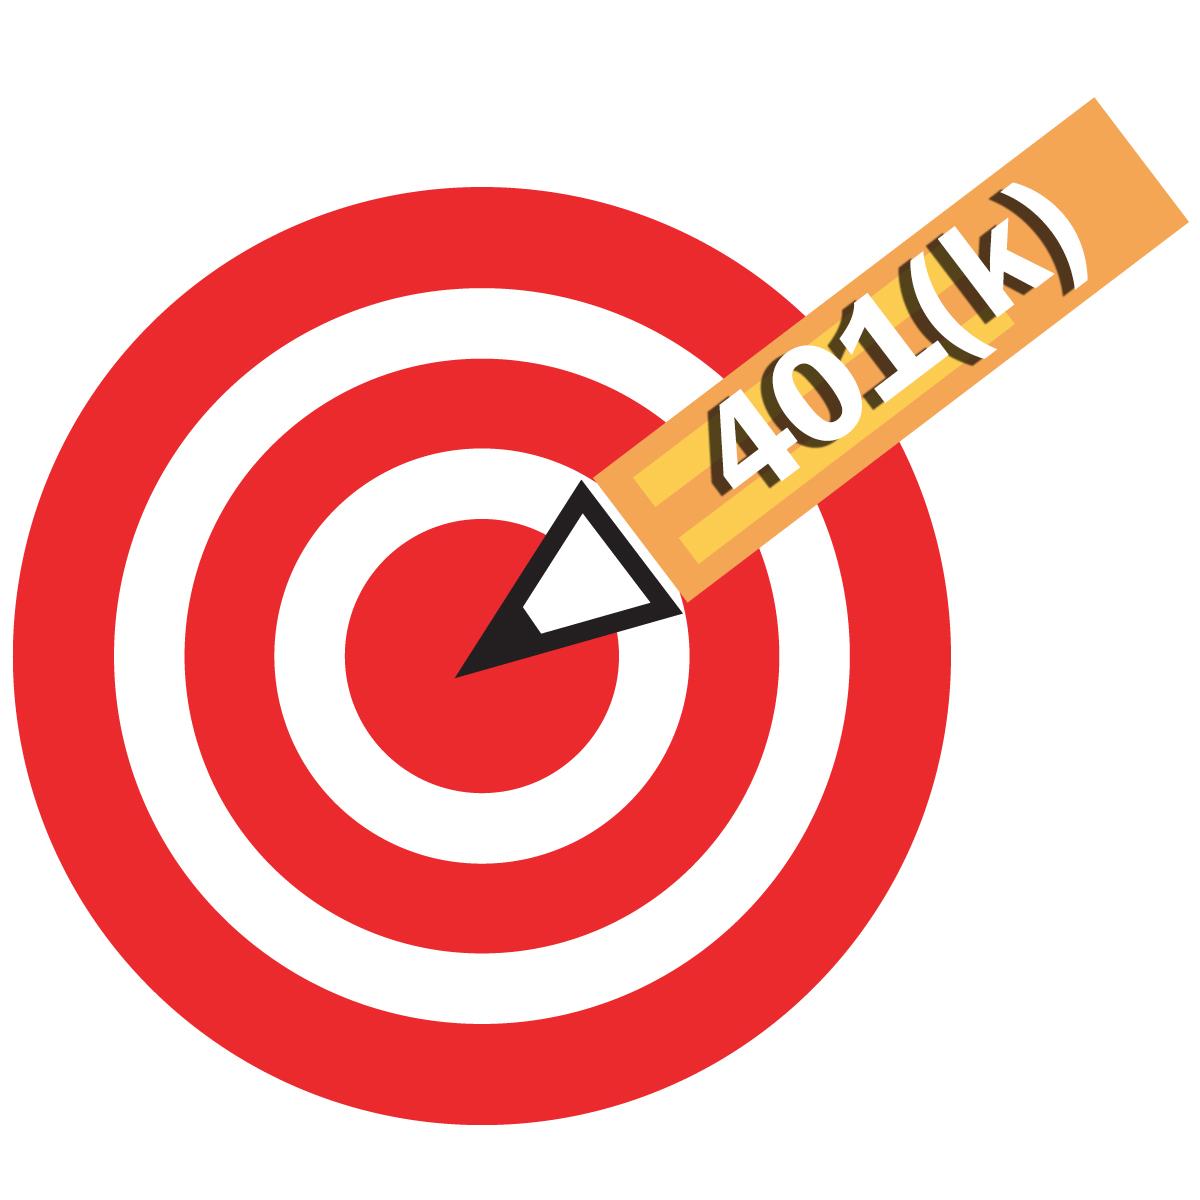 target401k